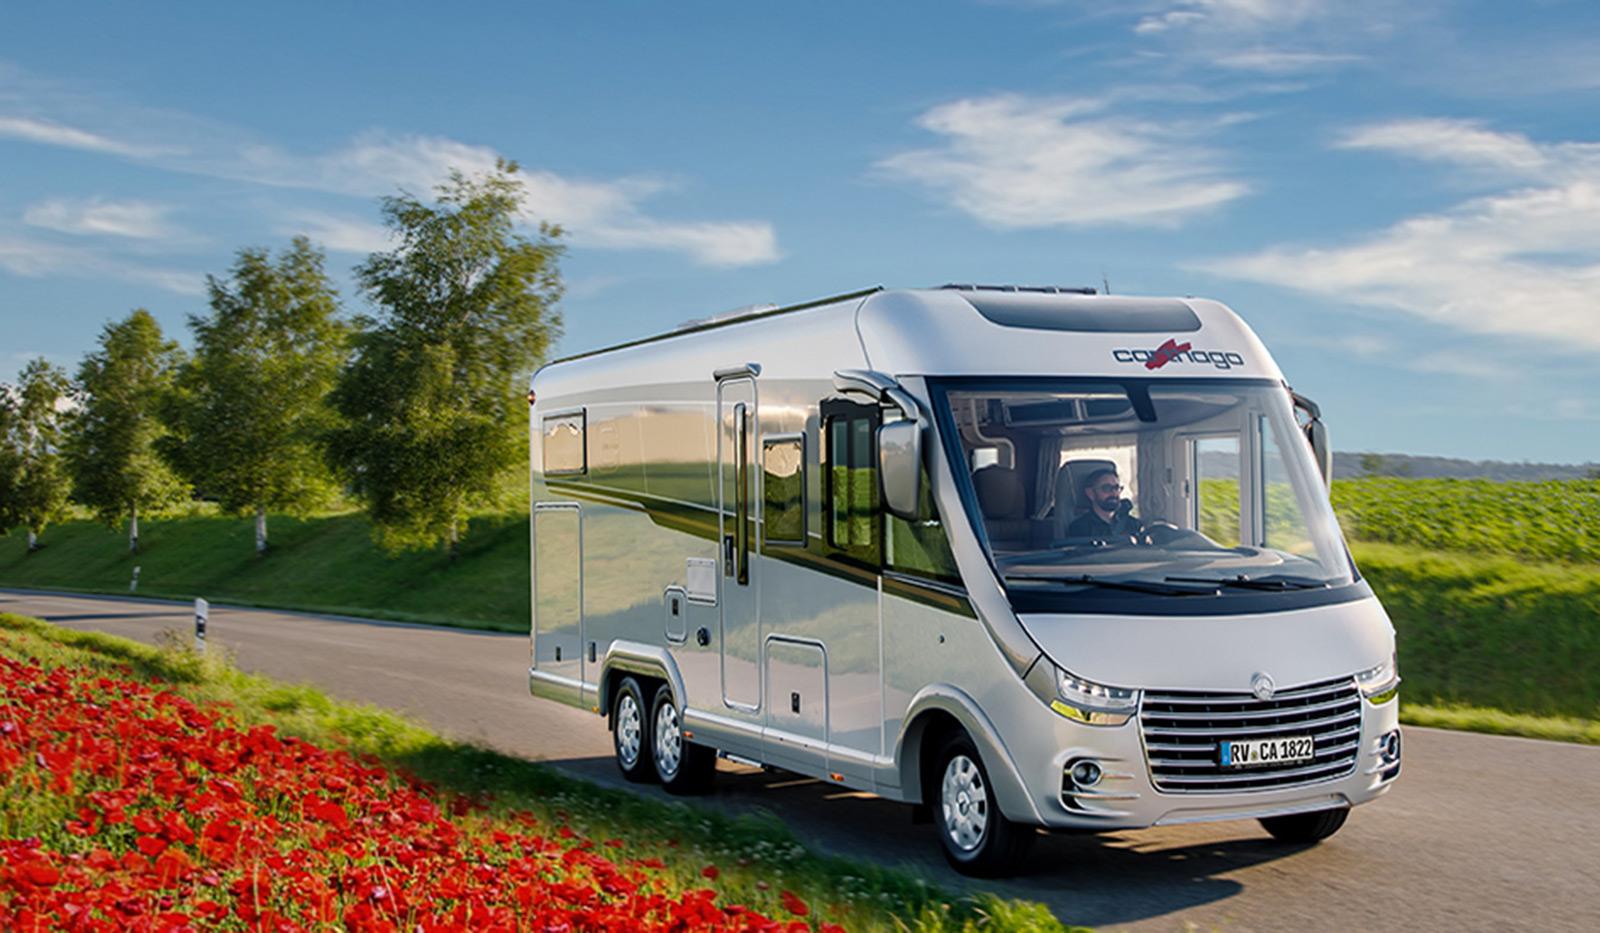 e line carthago - Gewinnen Sie ein Wochenende im Premium-Reisemobil! Jetzt Online-Befragung mitmachen.